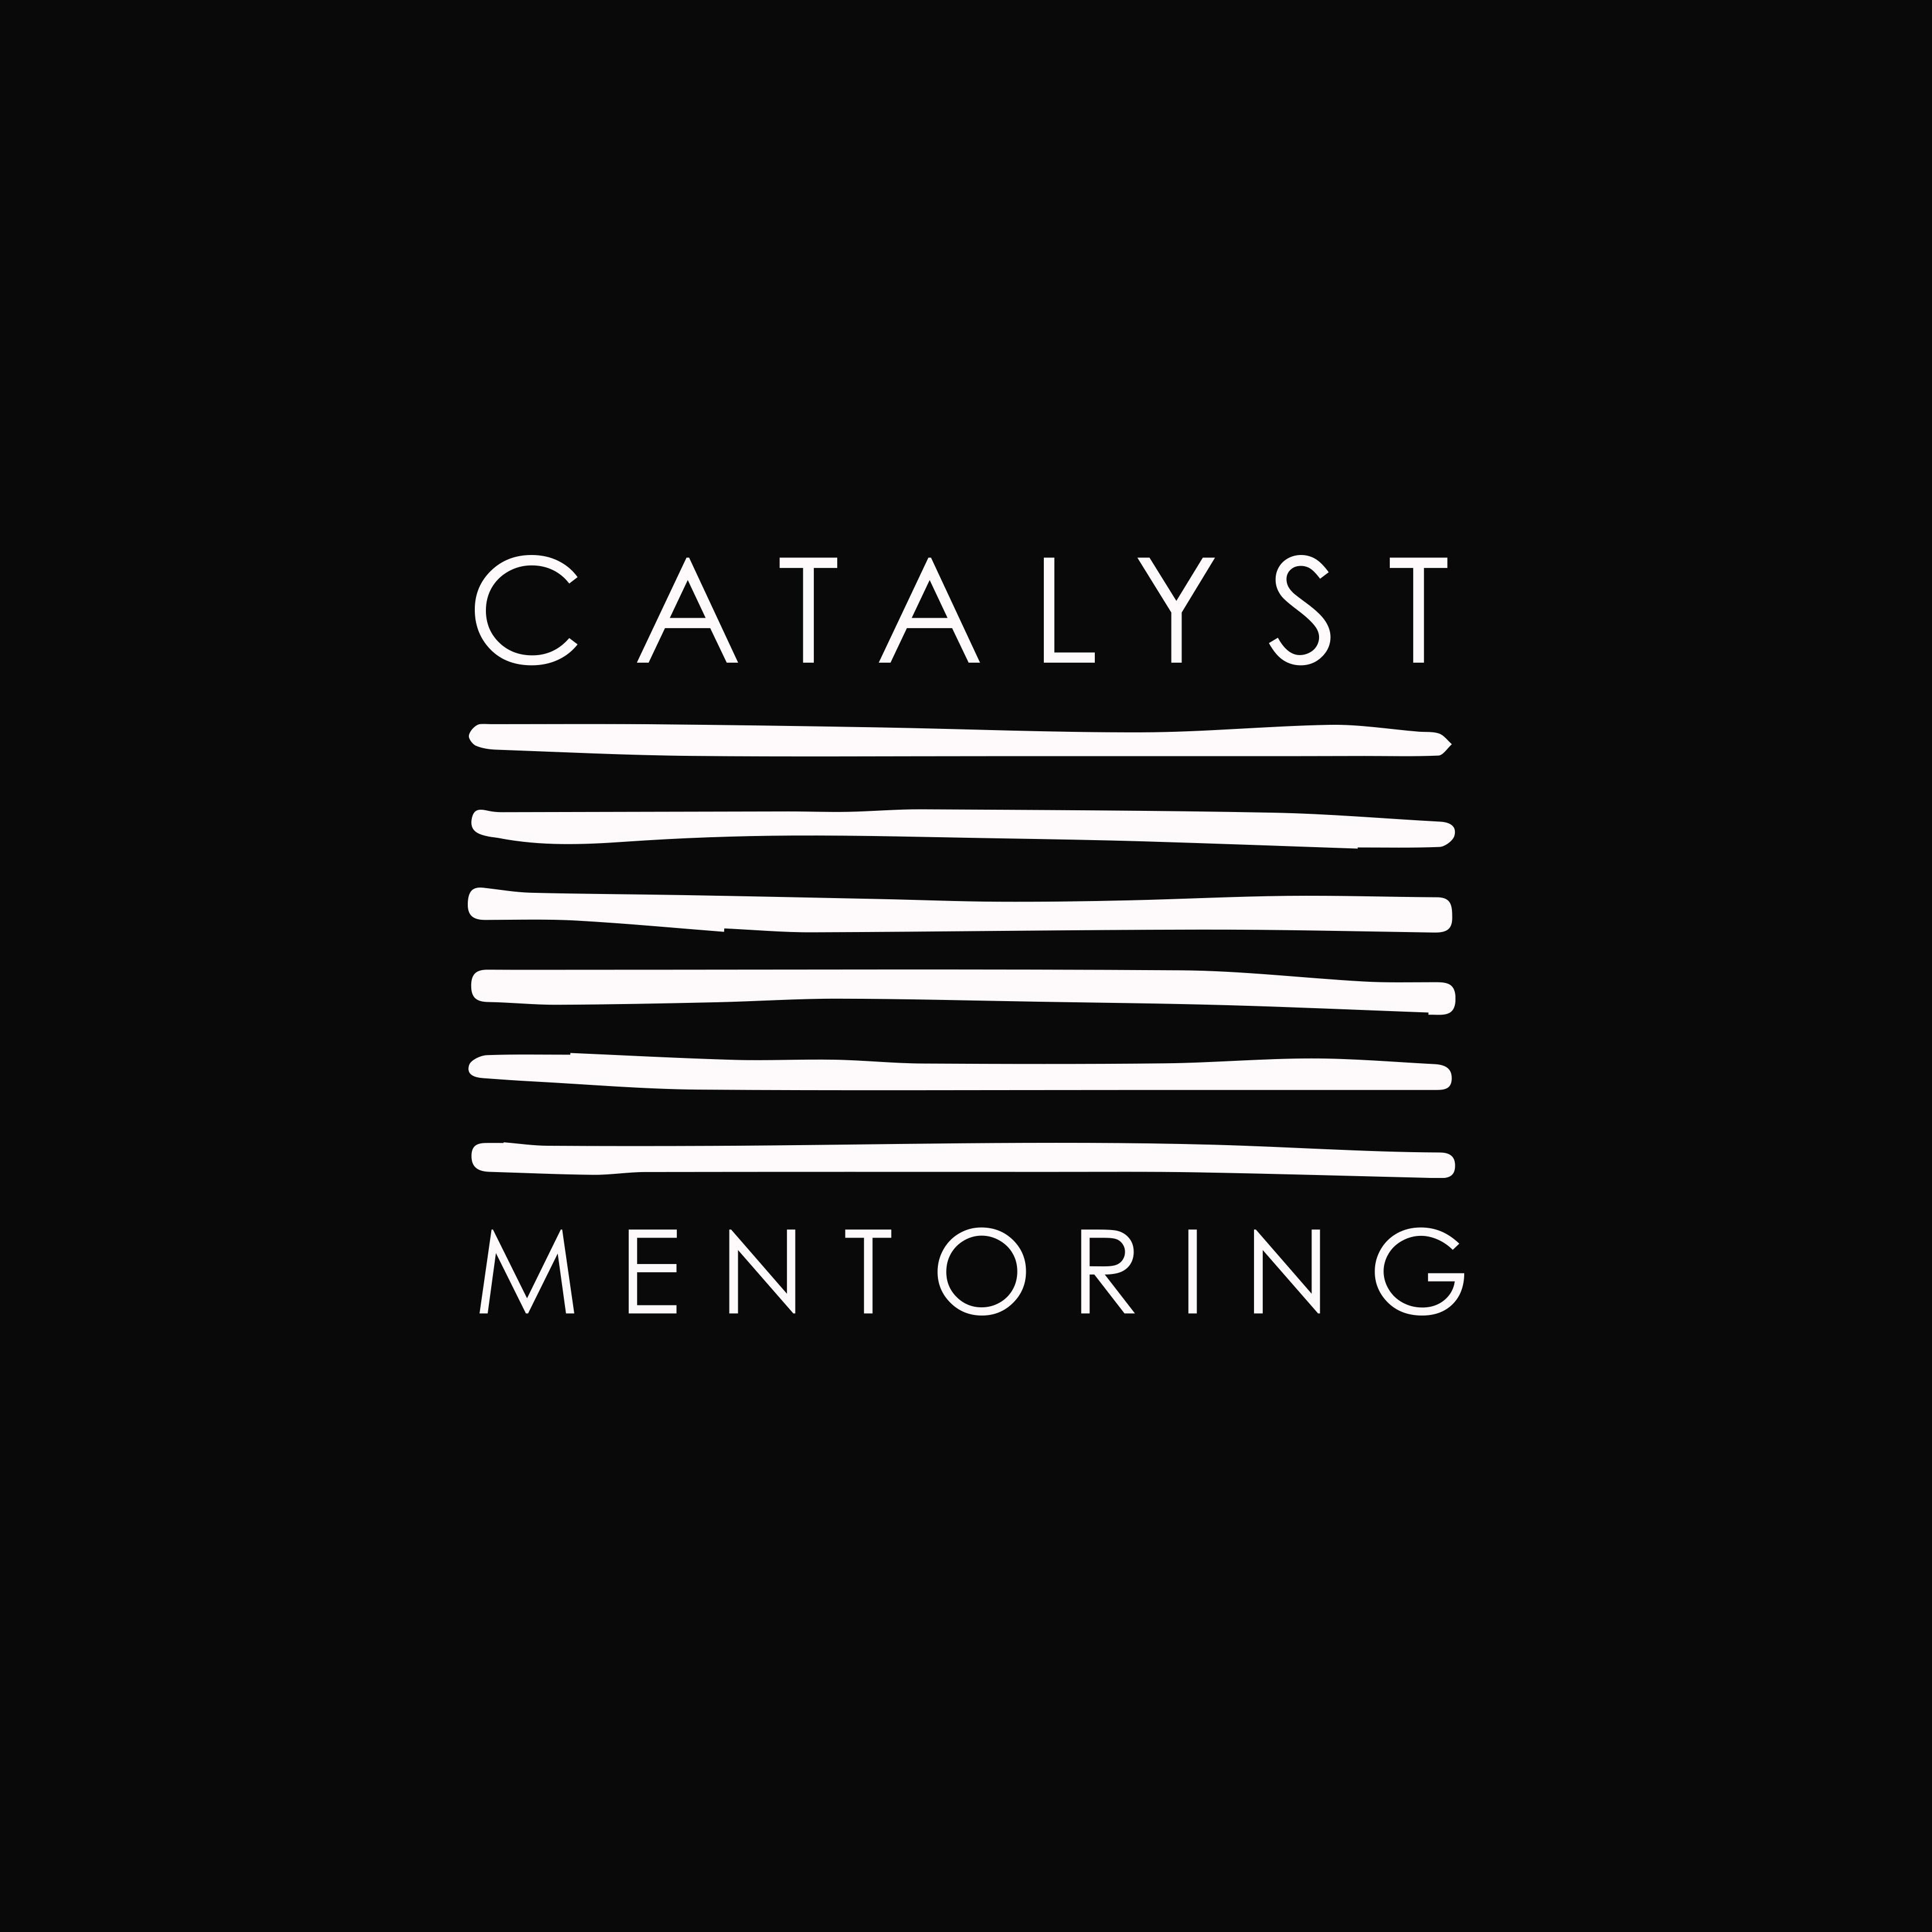 Catalyst Mentoring